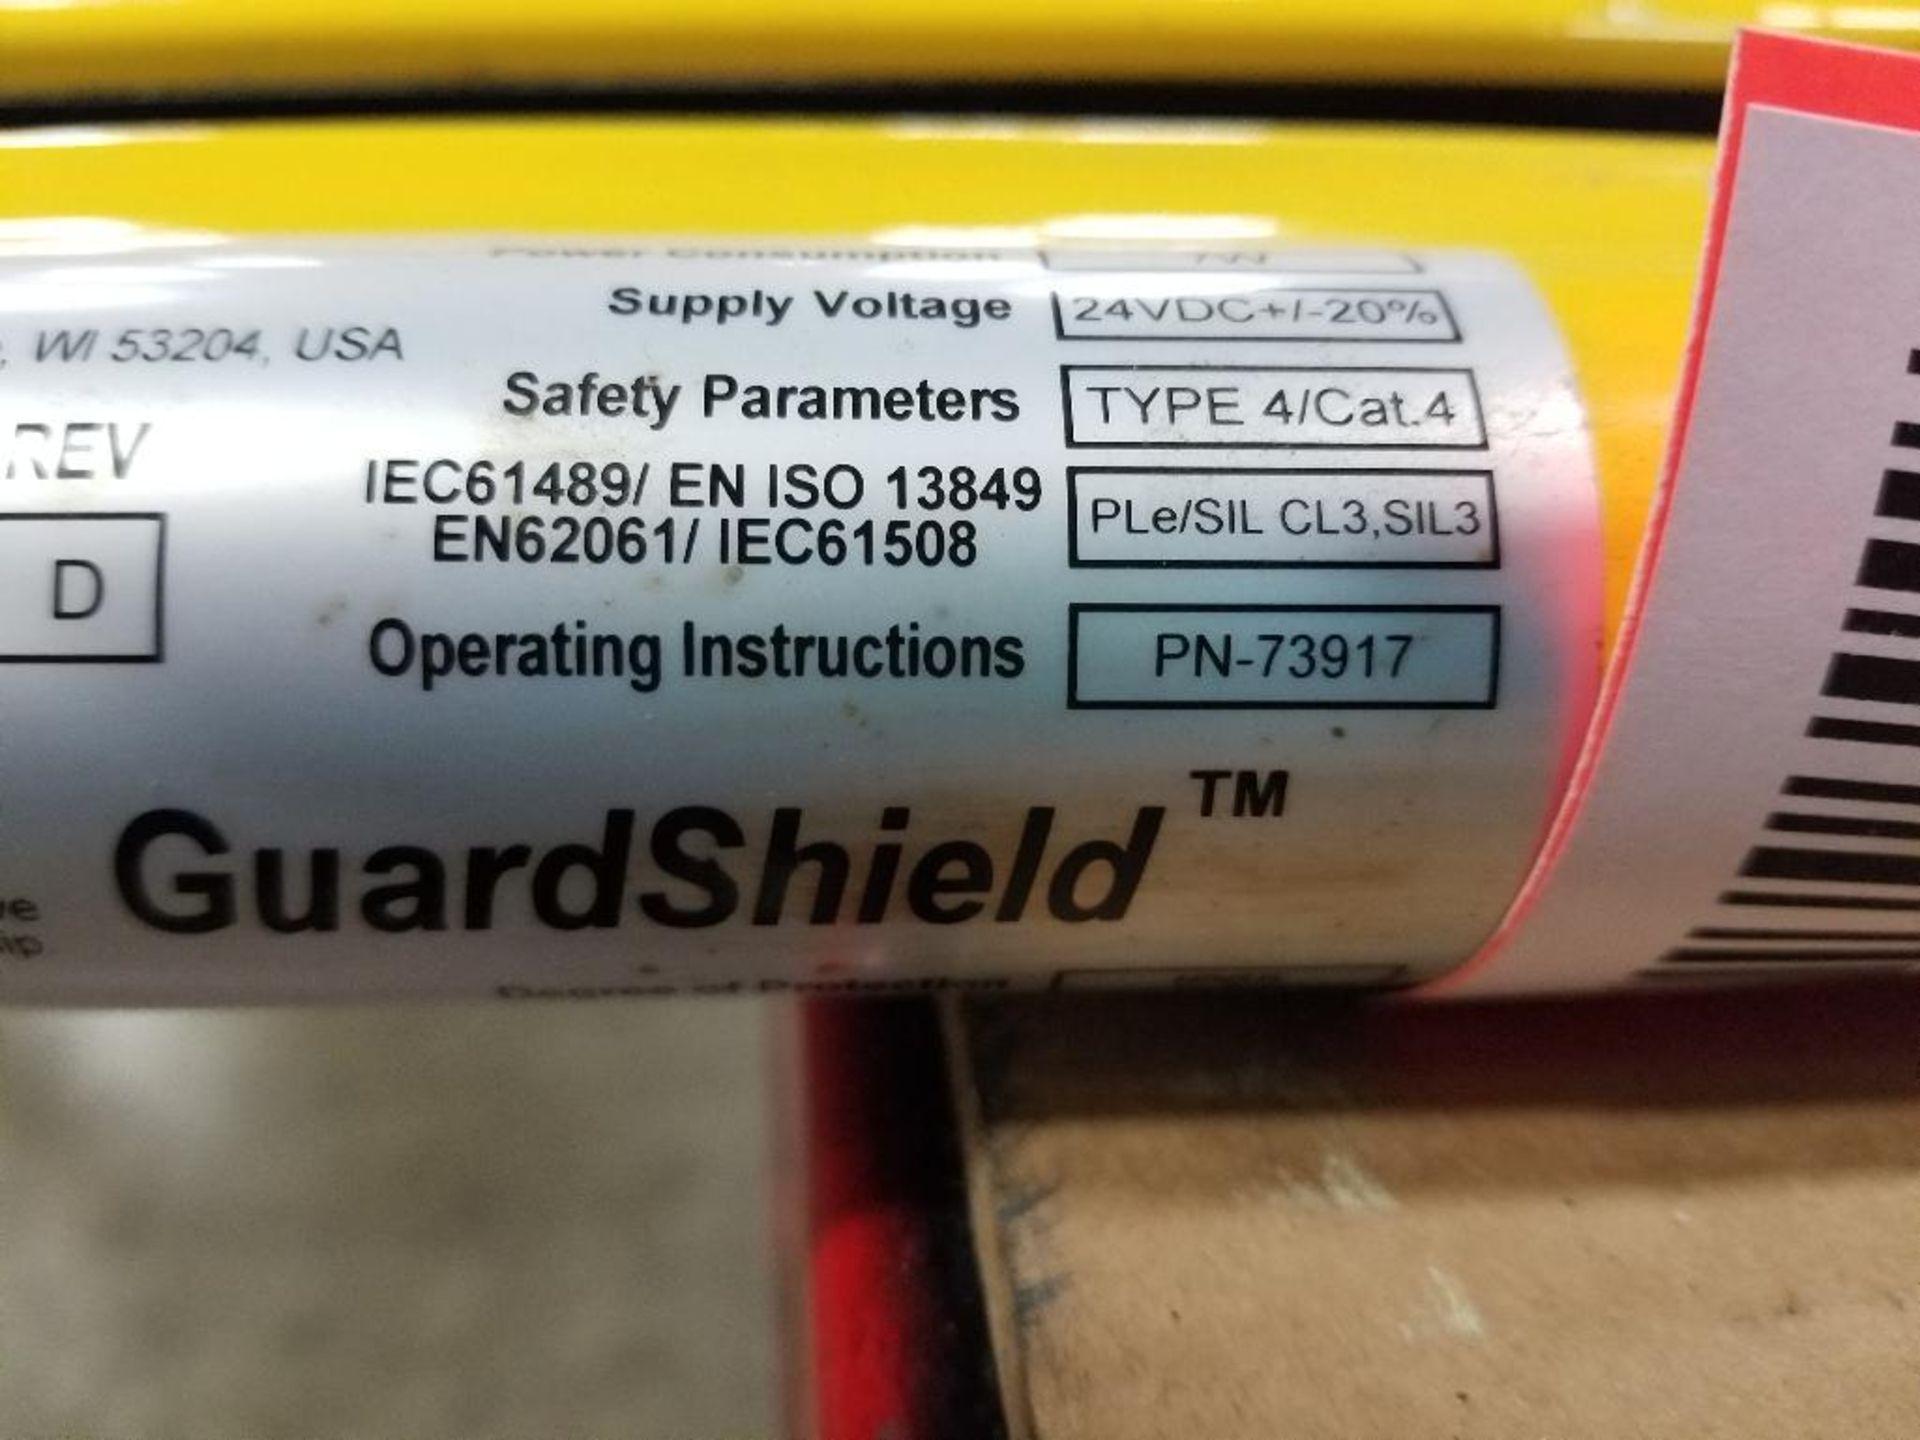 Allen Bradley Light curtain transmitter / receiver set. GuardMaster GuardShield T4J440YD 4K0AM1EF. - Image 22 of 23